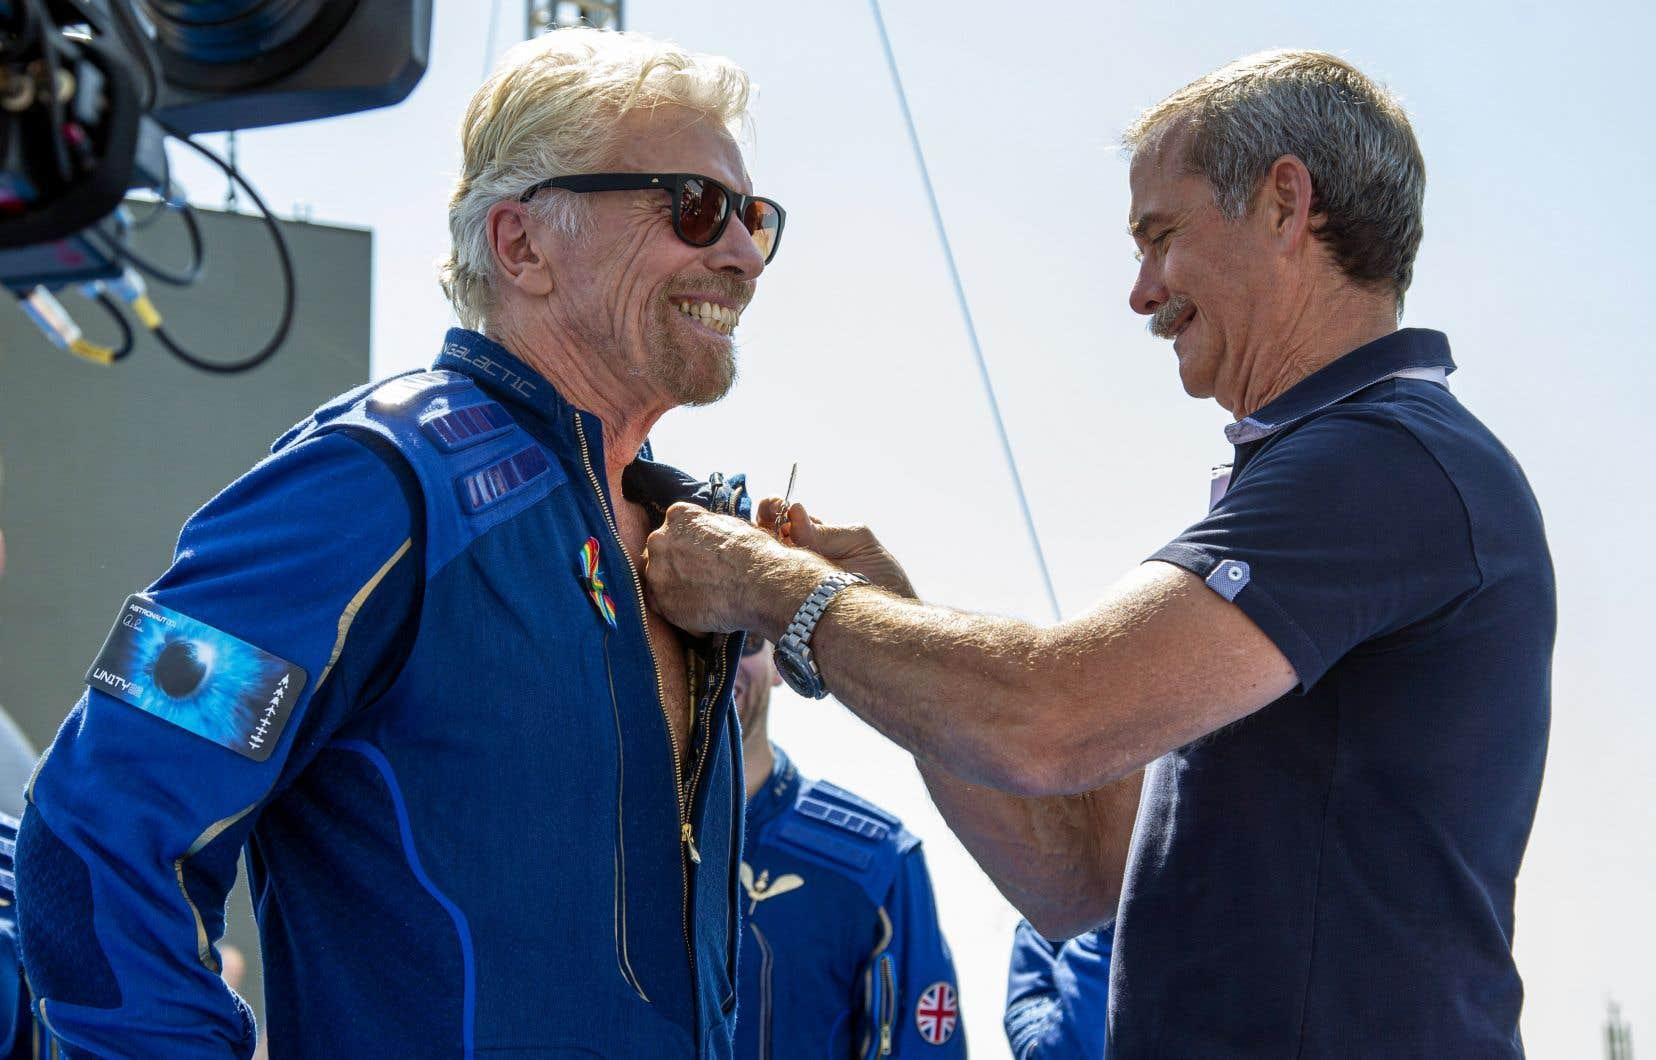 Environ 500 personnes ont assisté au vol de Richard Branson (à gauche), dont l'ancien astronaute canadien Chris Hadfield (à droite).